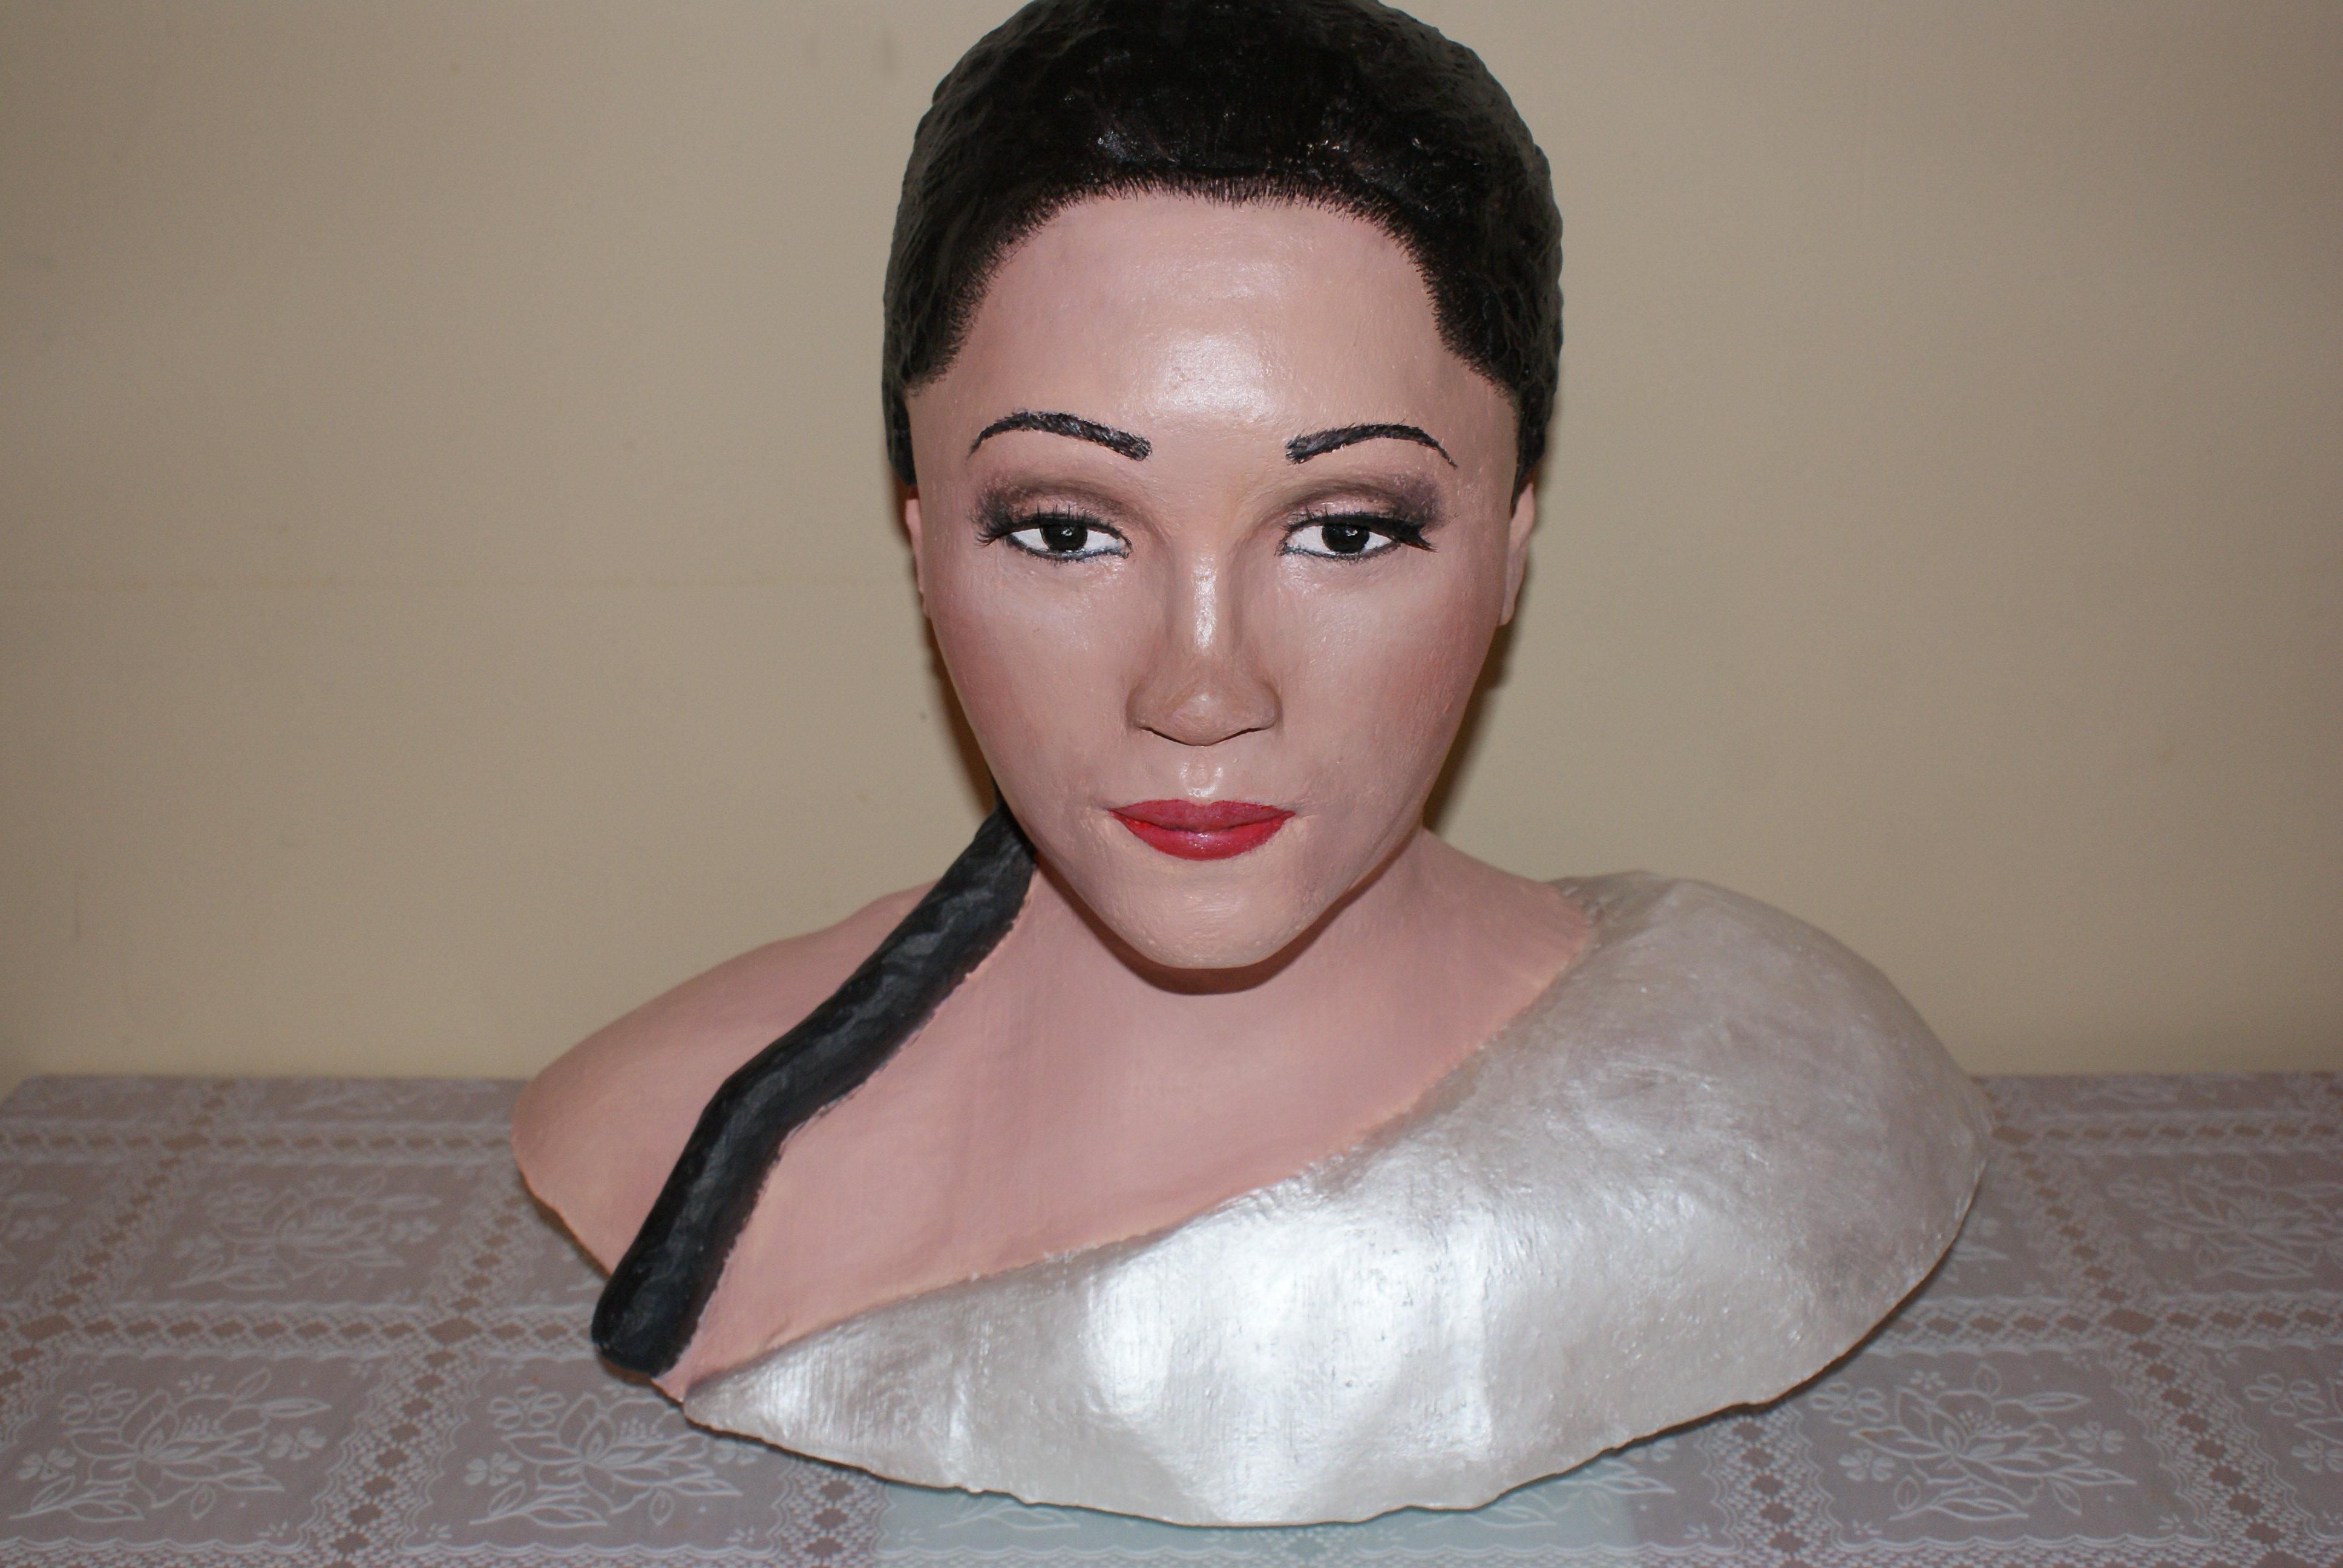 Busto impreso en 3D a tamaño natural y pintado de forma realista.